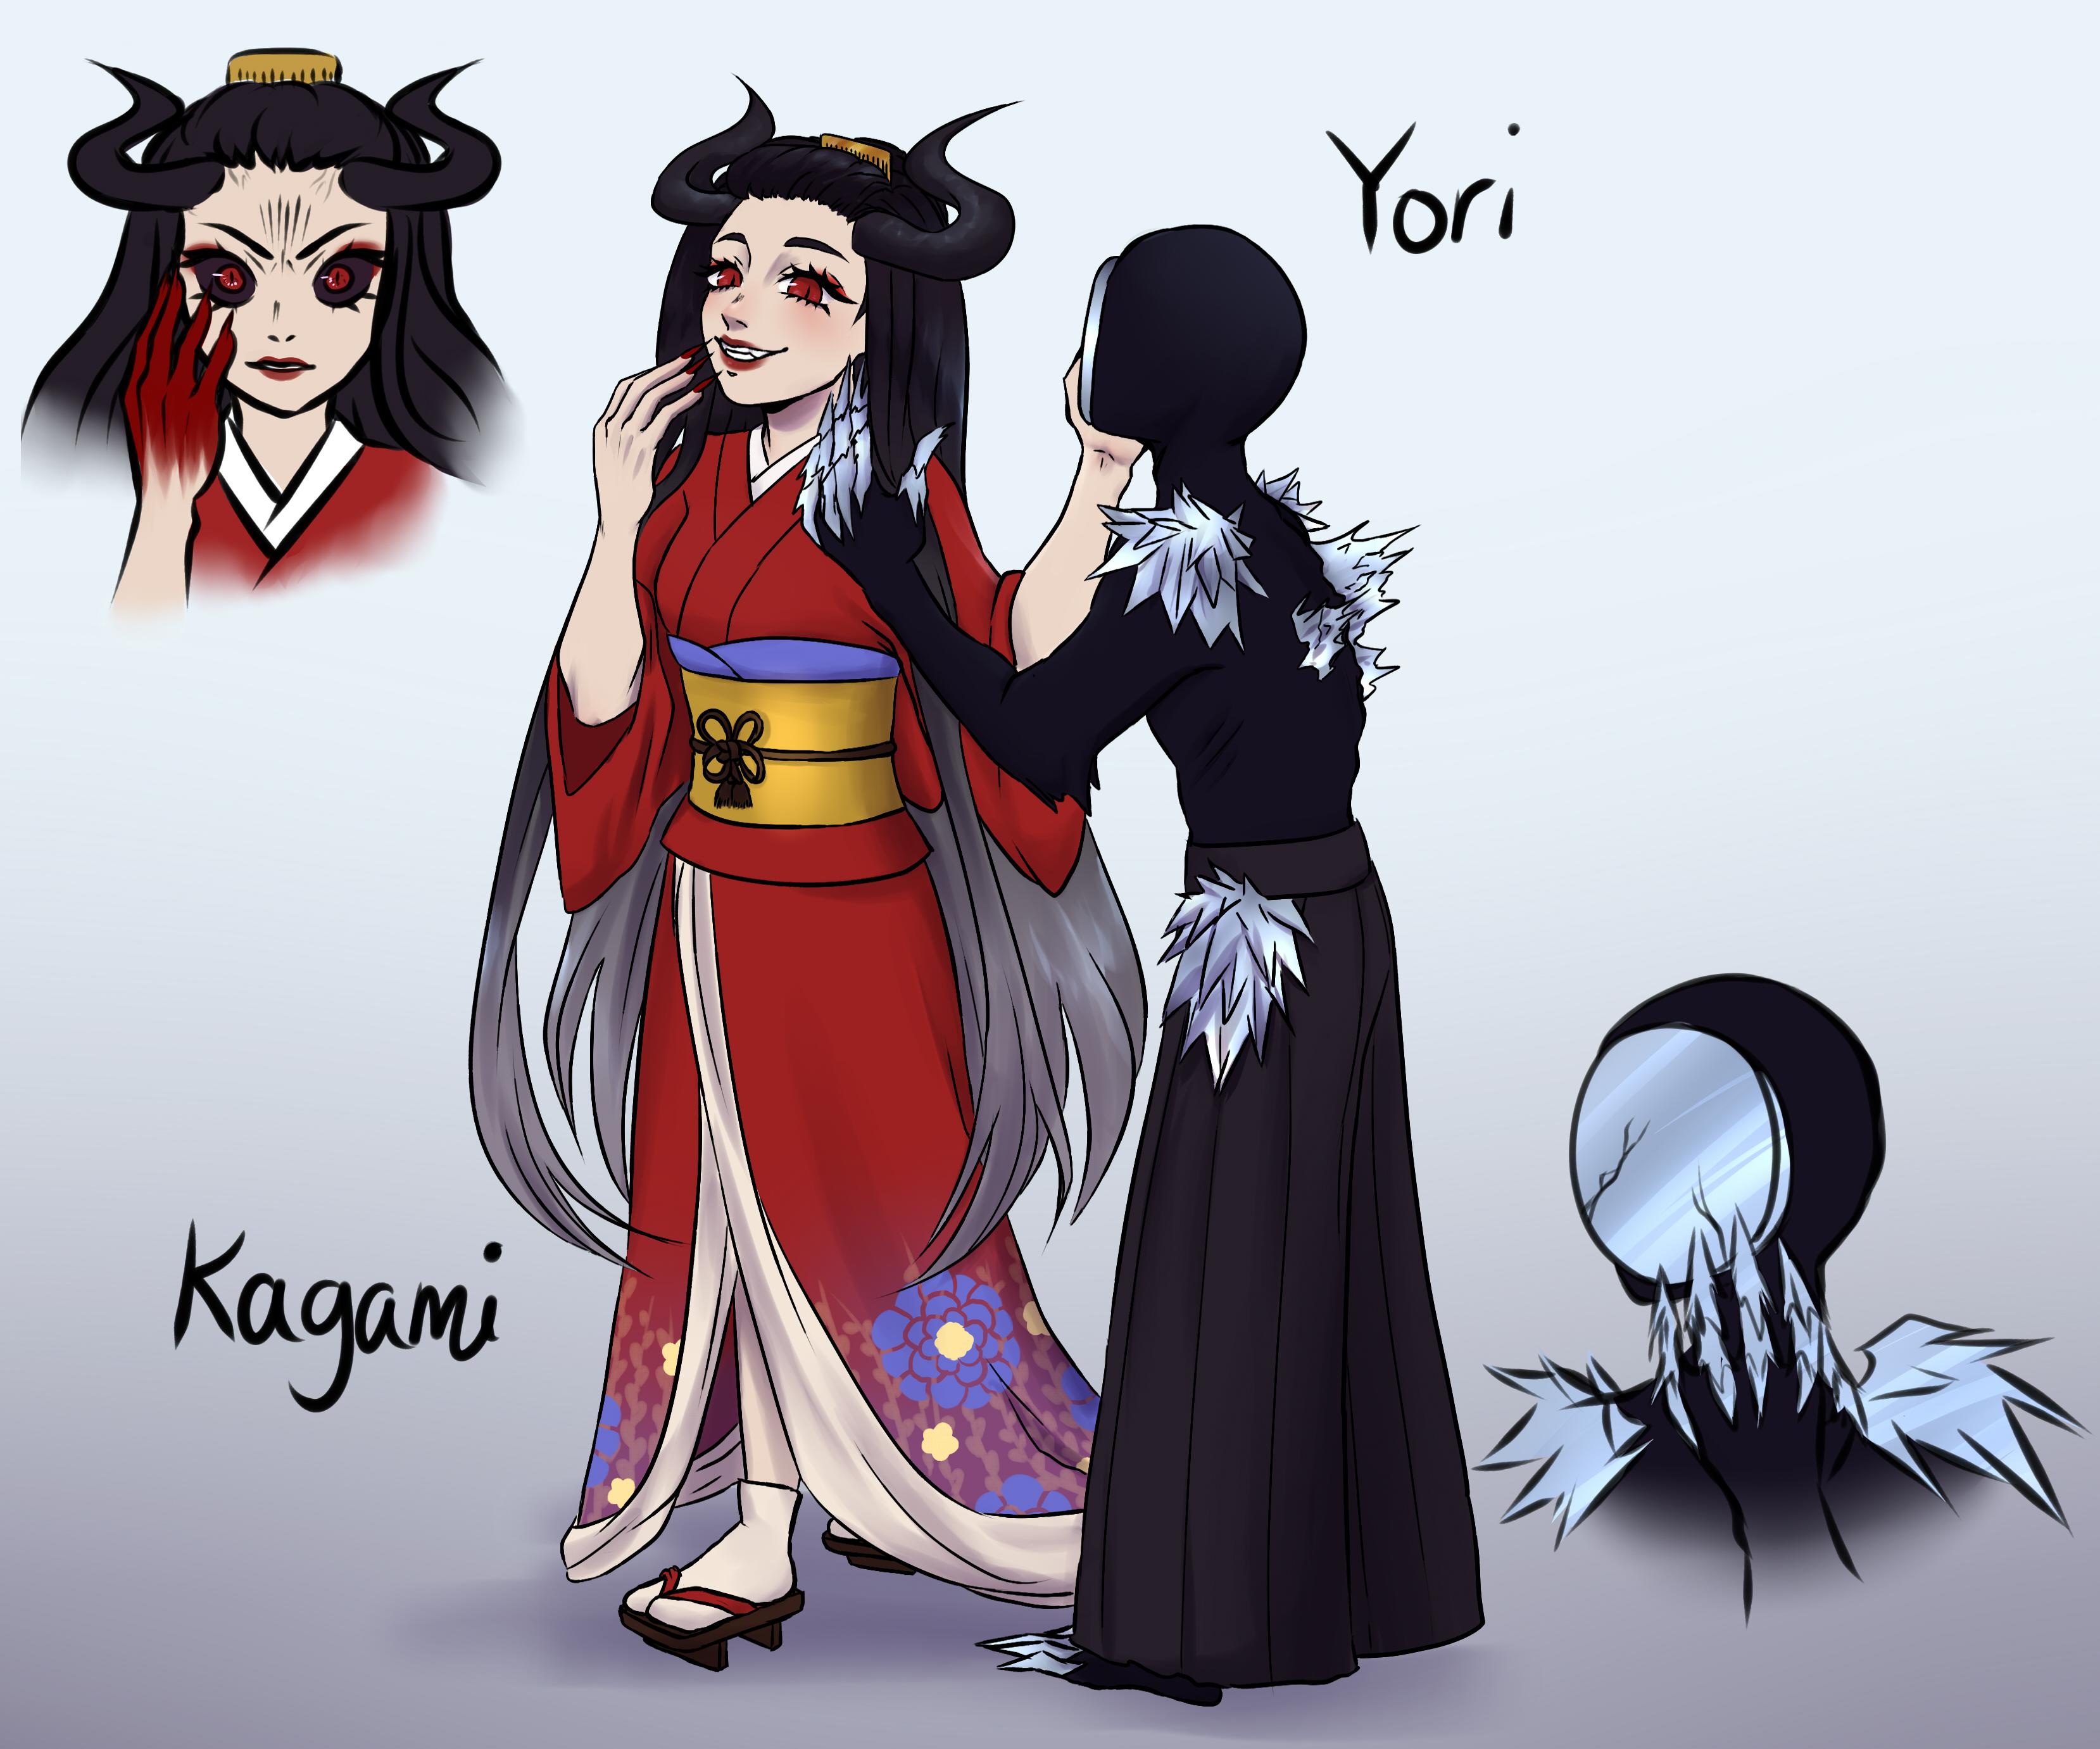 kagami_n_yori.jpg